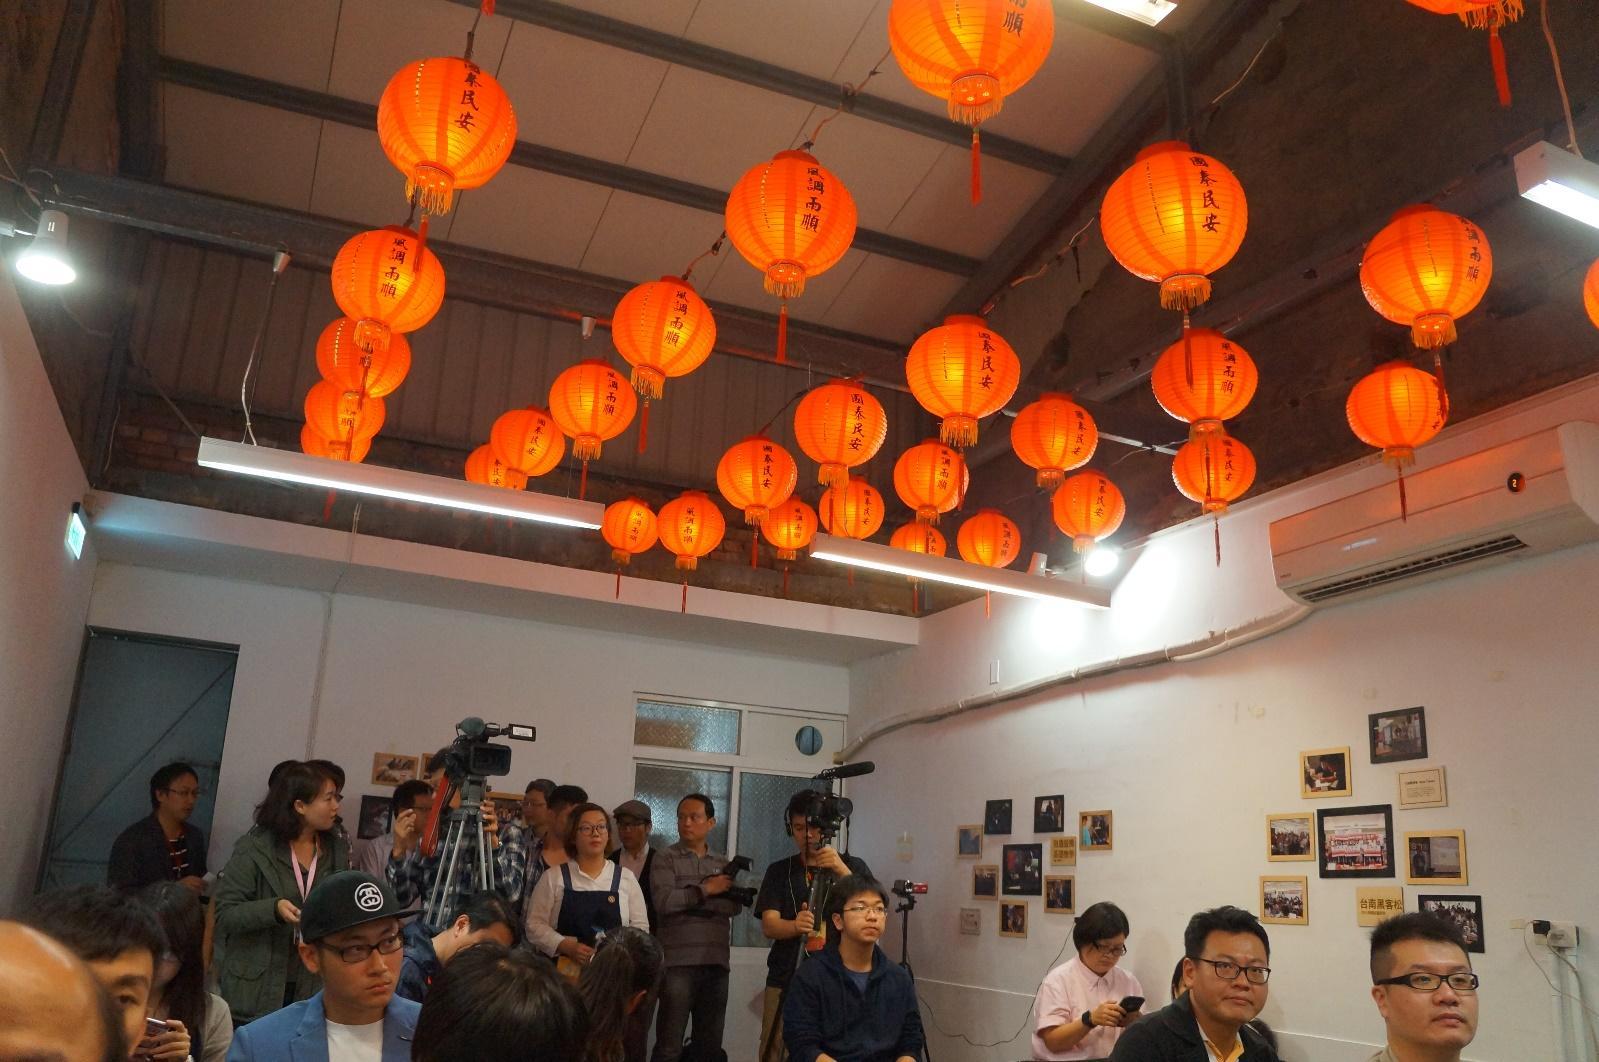 古城風的懷舊紅燈籠由台南唯一的燈籠供應商熱情贊助。圖片來源:PanX 攝影